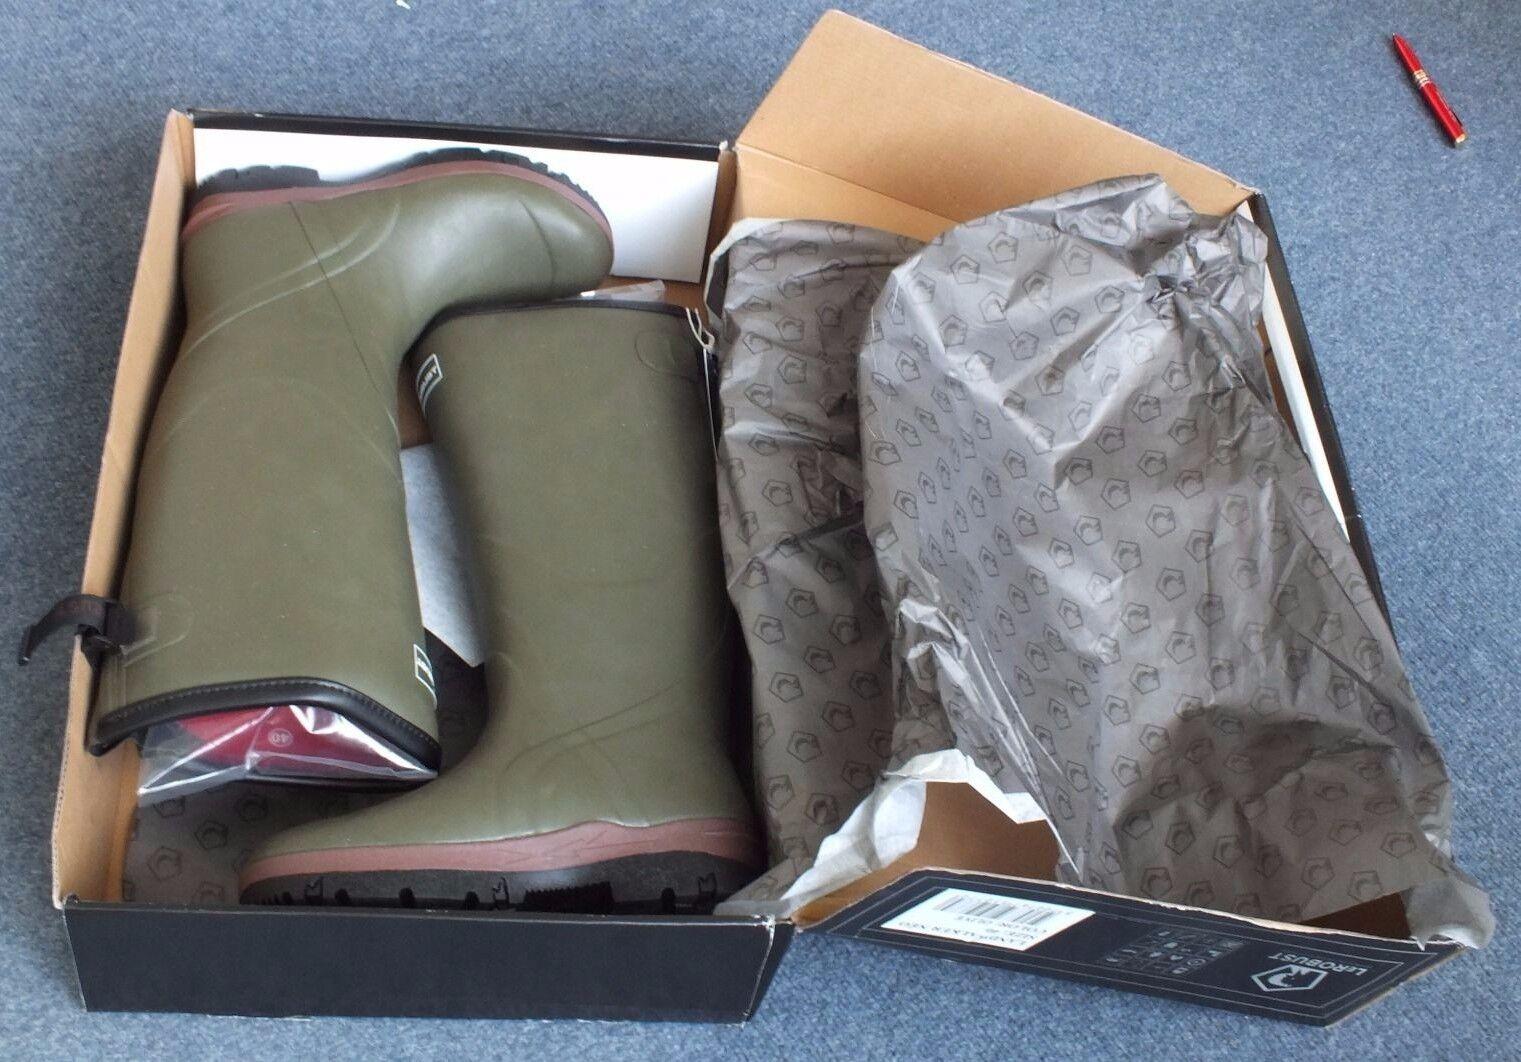 Neopreno  3mm Neo 4 Oliva botas Wellington-Talla 6.5 Reino Unido (fr 41)  artículos de promoción